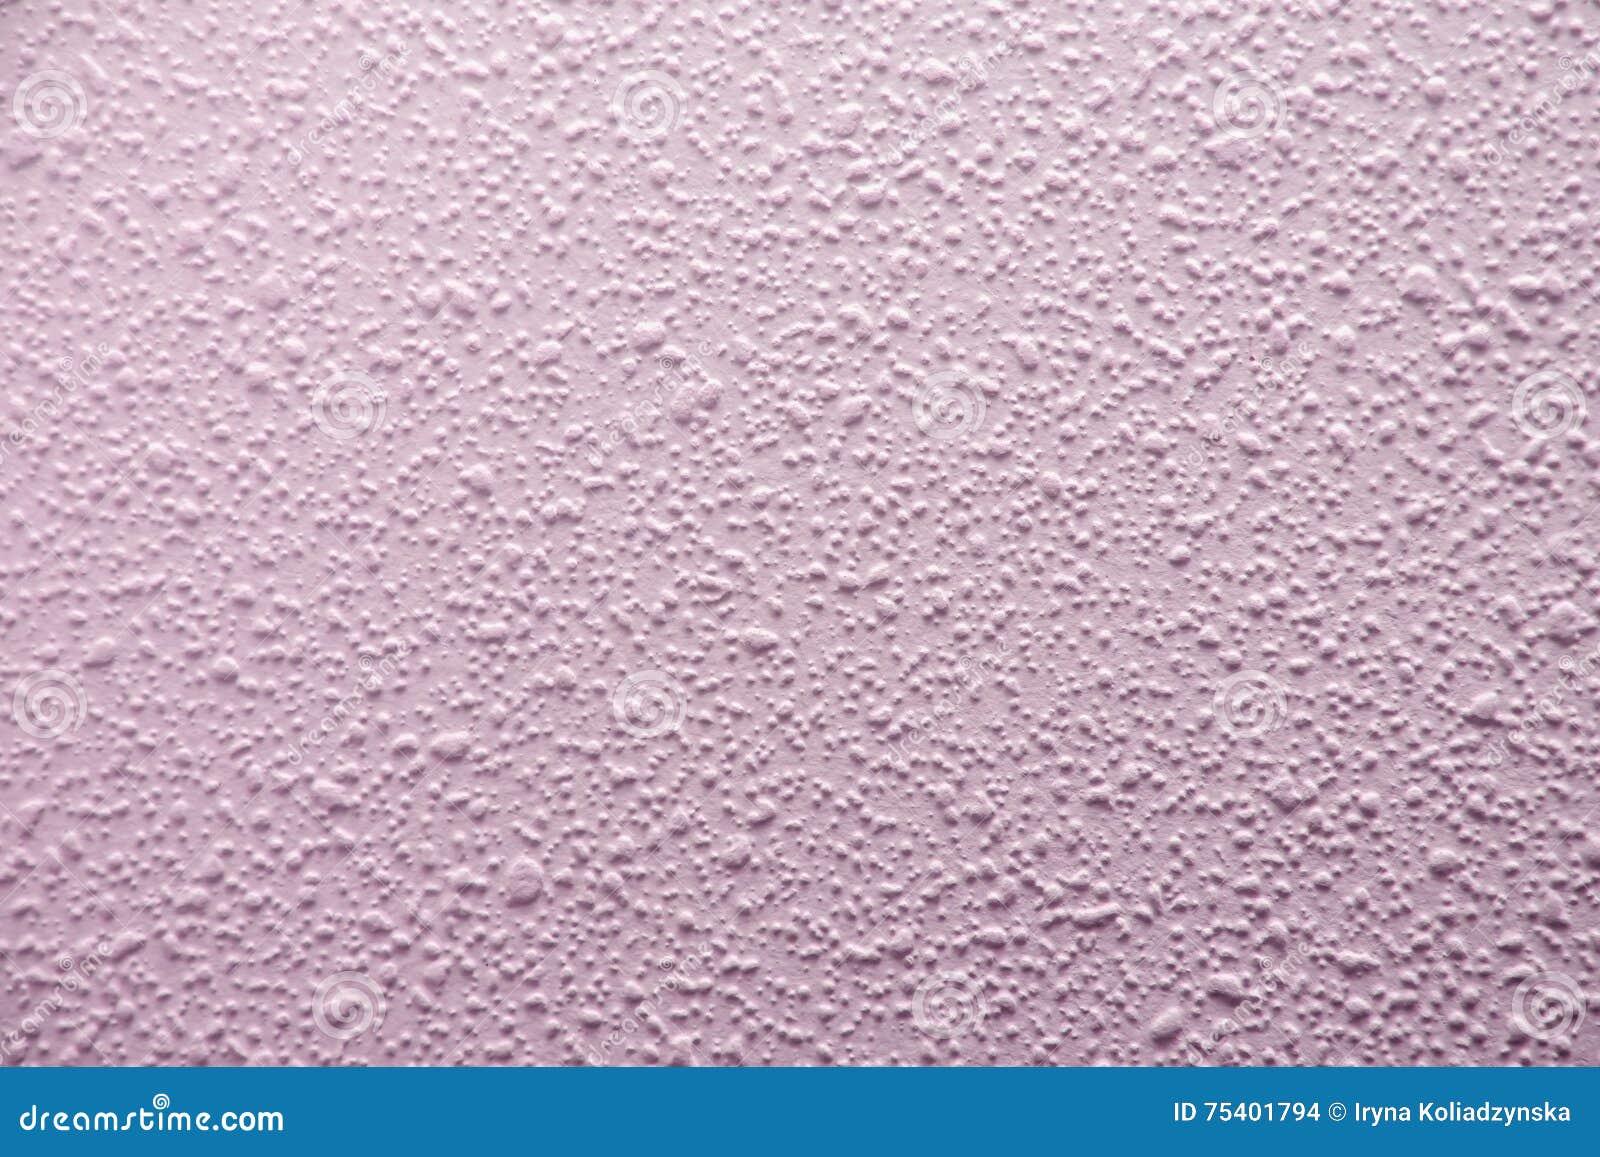 textura del papel pintado papel decorativo para la decoracin pared